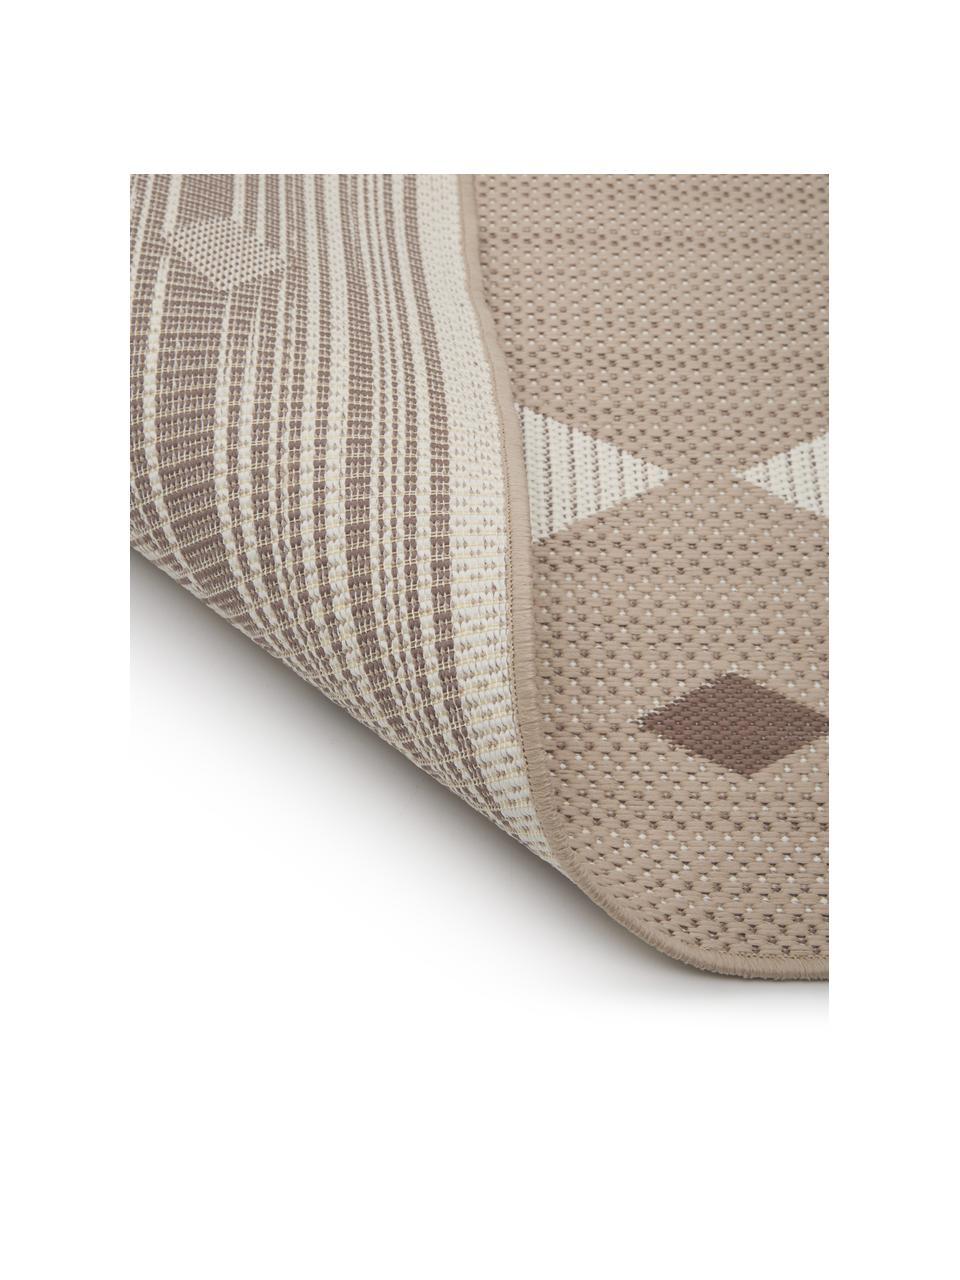 Ethno In- & outdoor vloerkleed Nikita, 86% polypropyleen, 14% polyester, Beige, wit, B 80 x L 150 cm (maat XS)